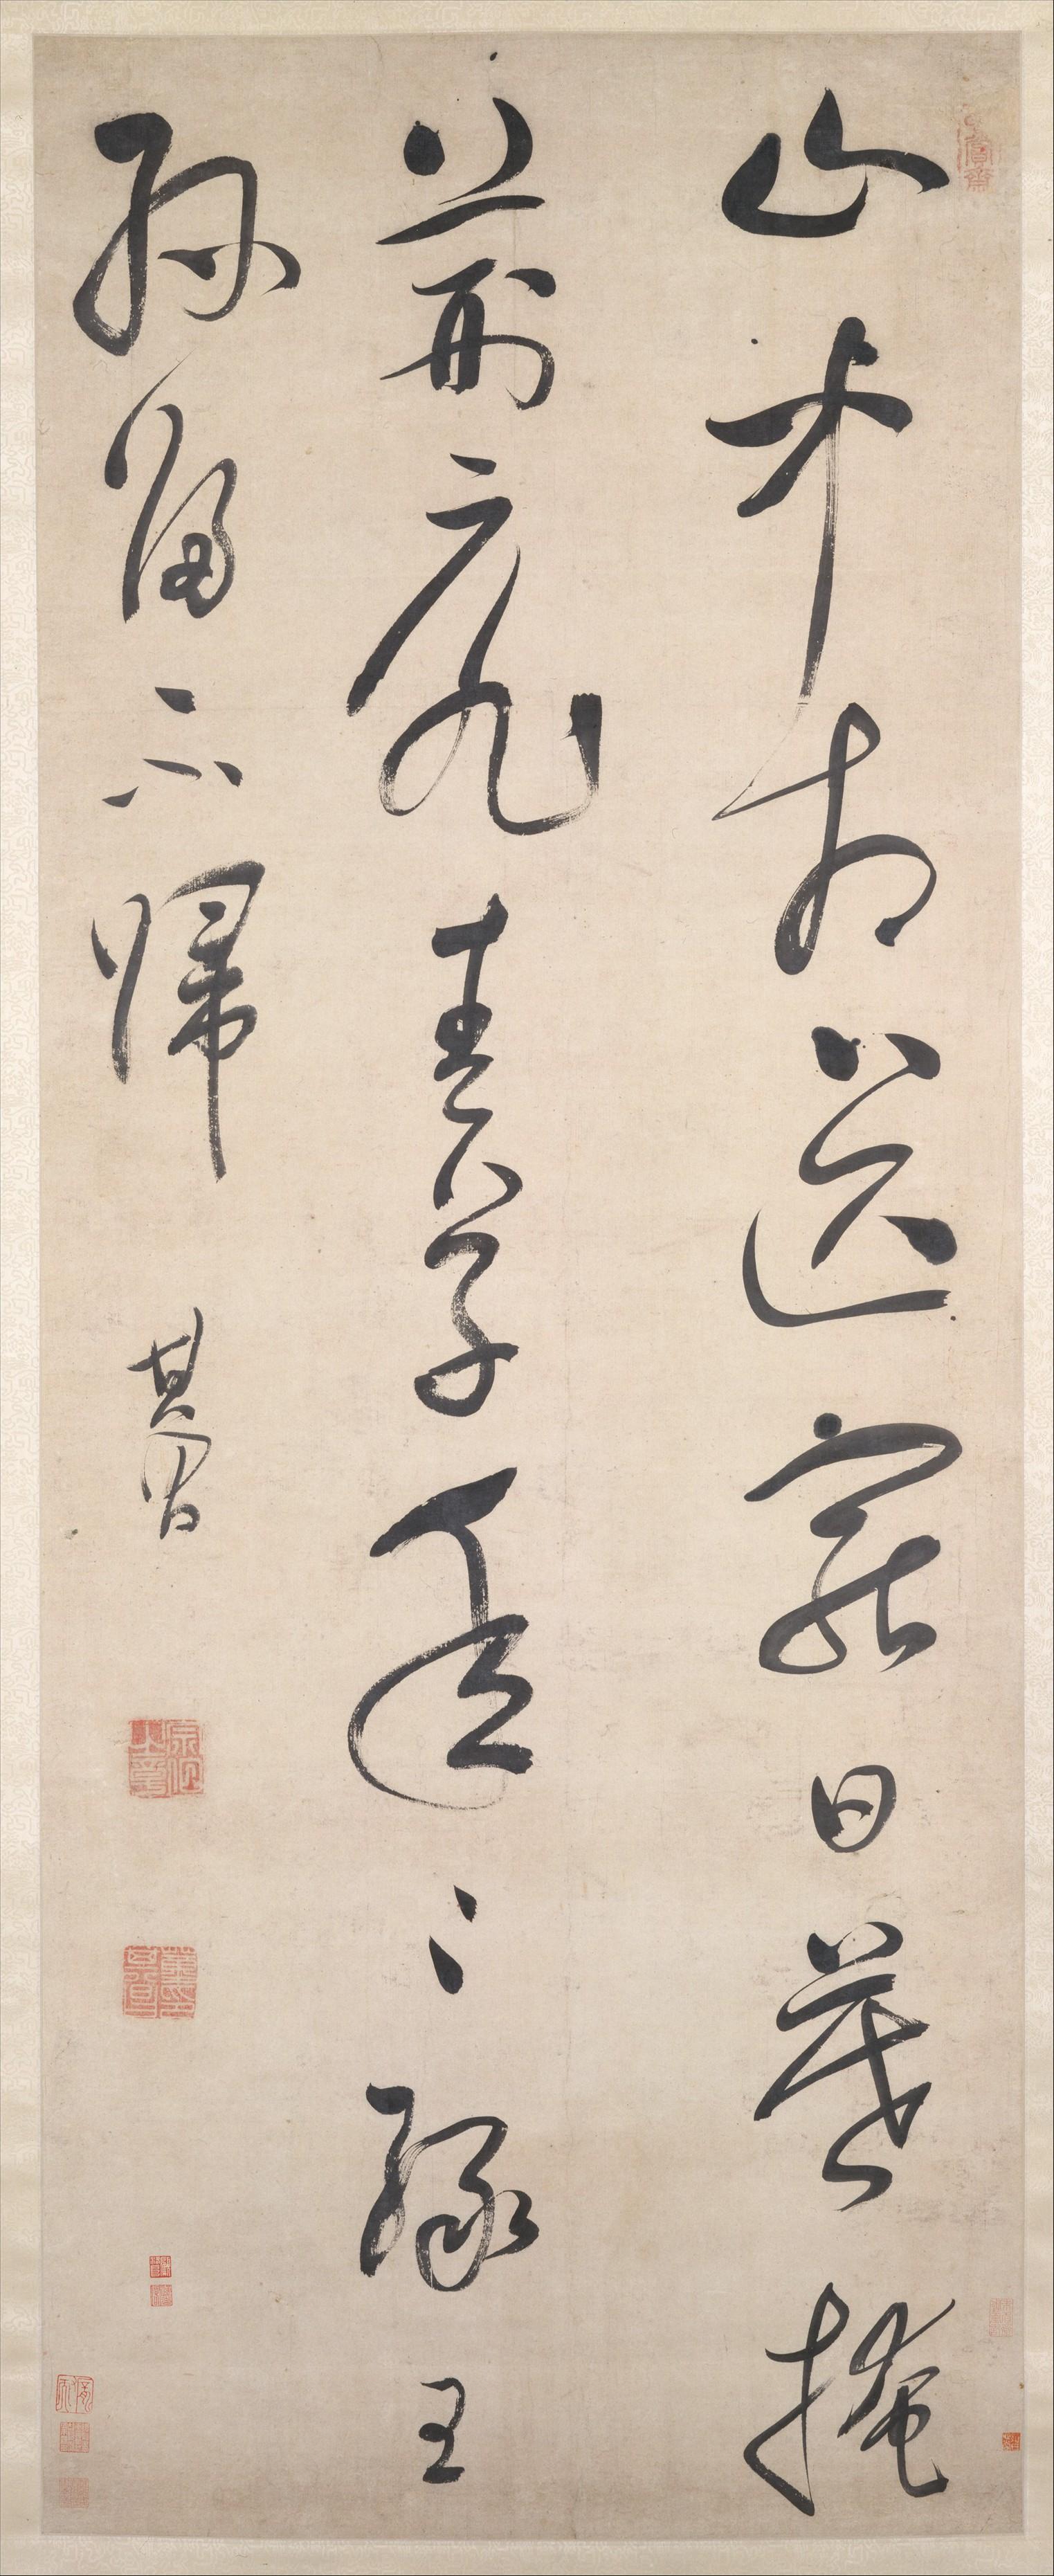 Wang Wei Poems 1